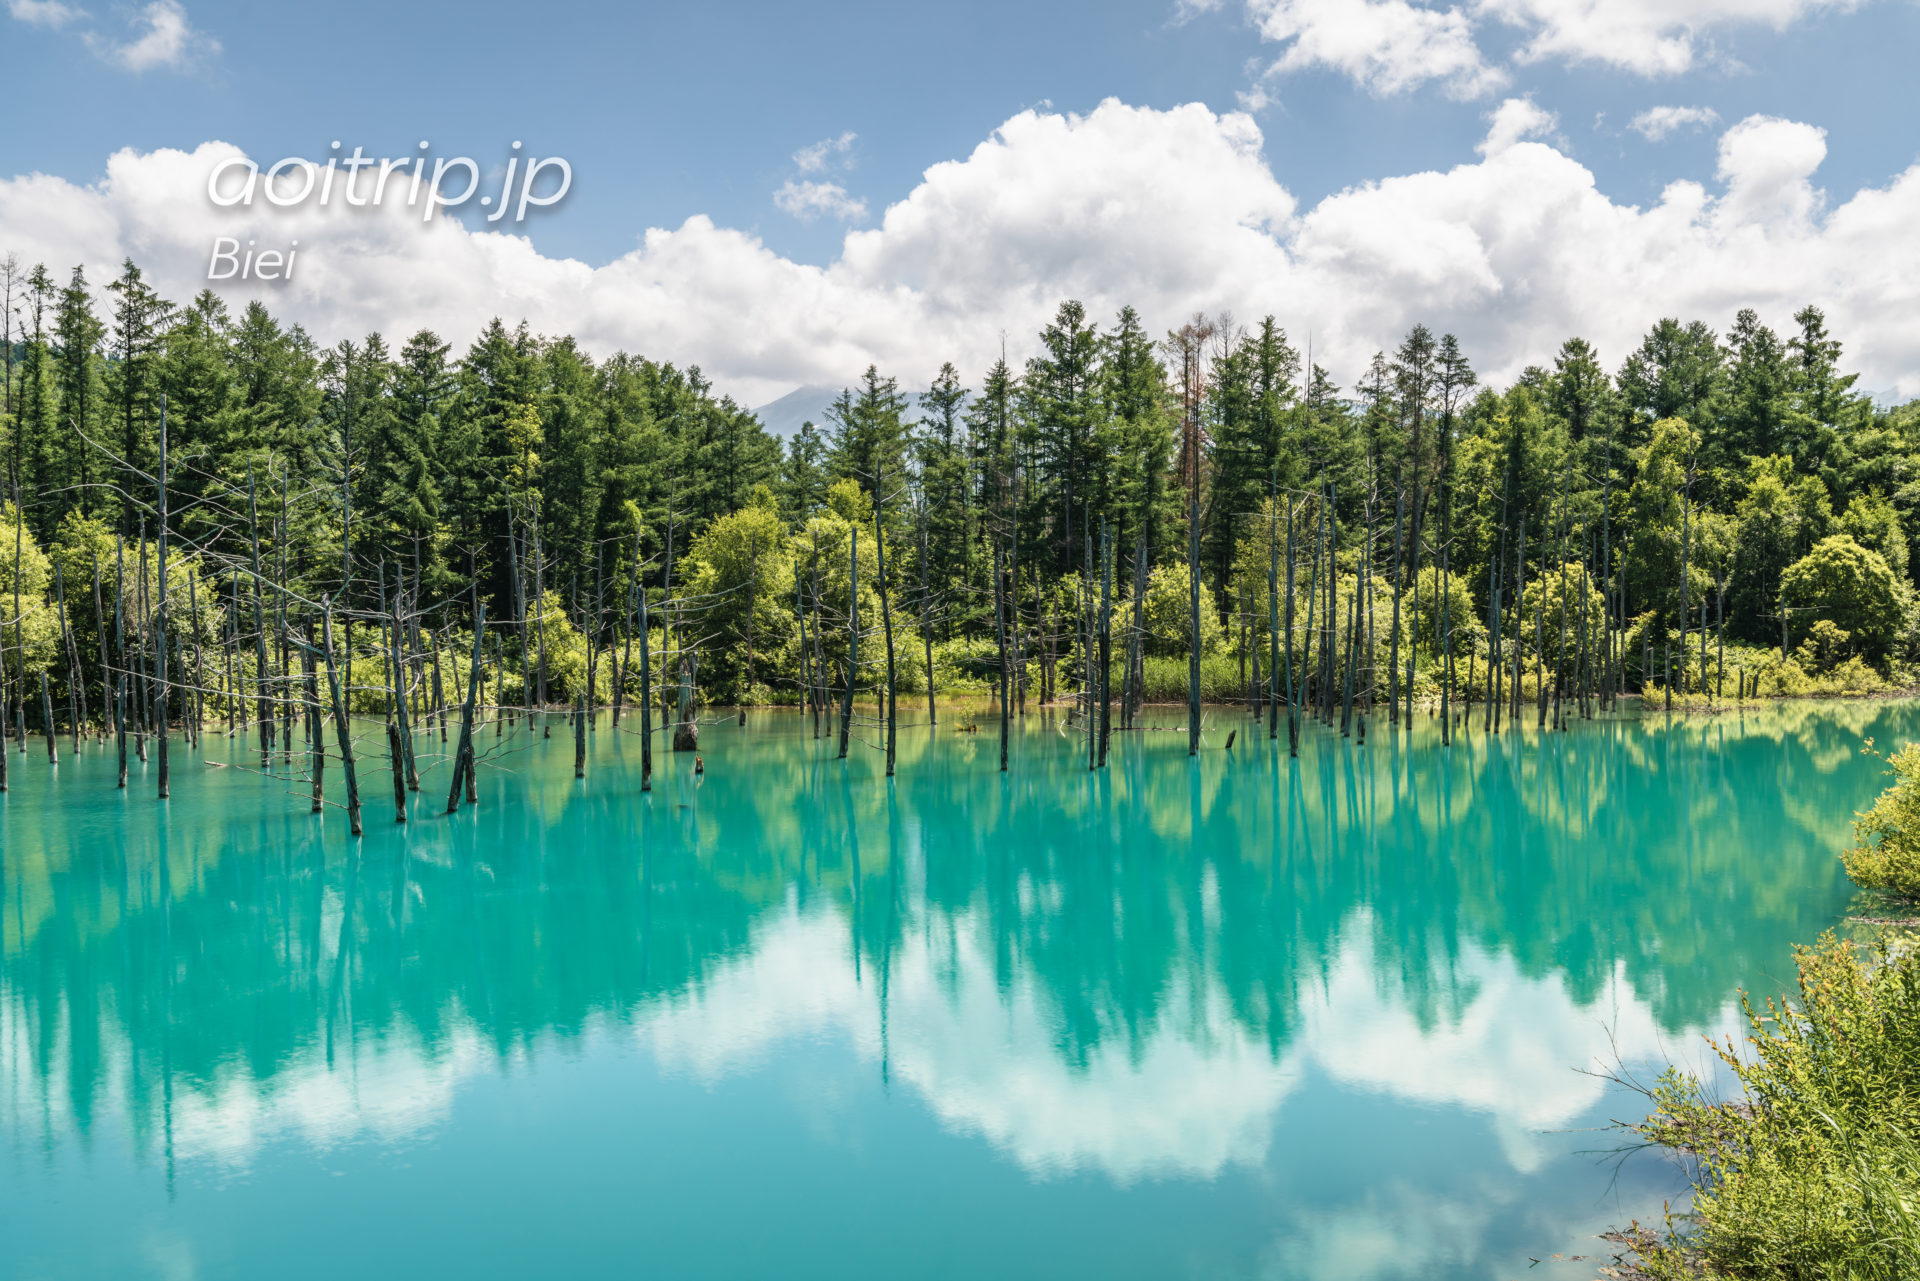 美瑛の白金 青い池 Shirogane Blue Pond, Biei